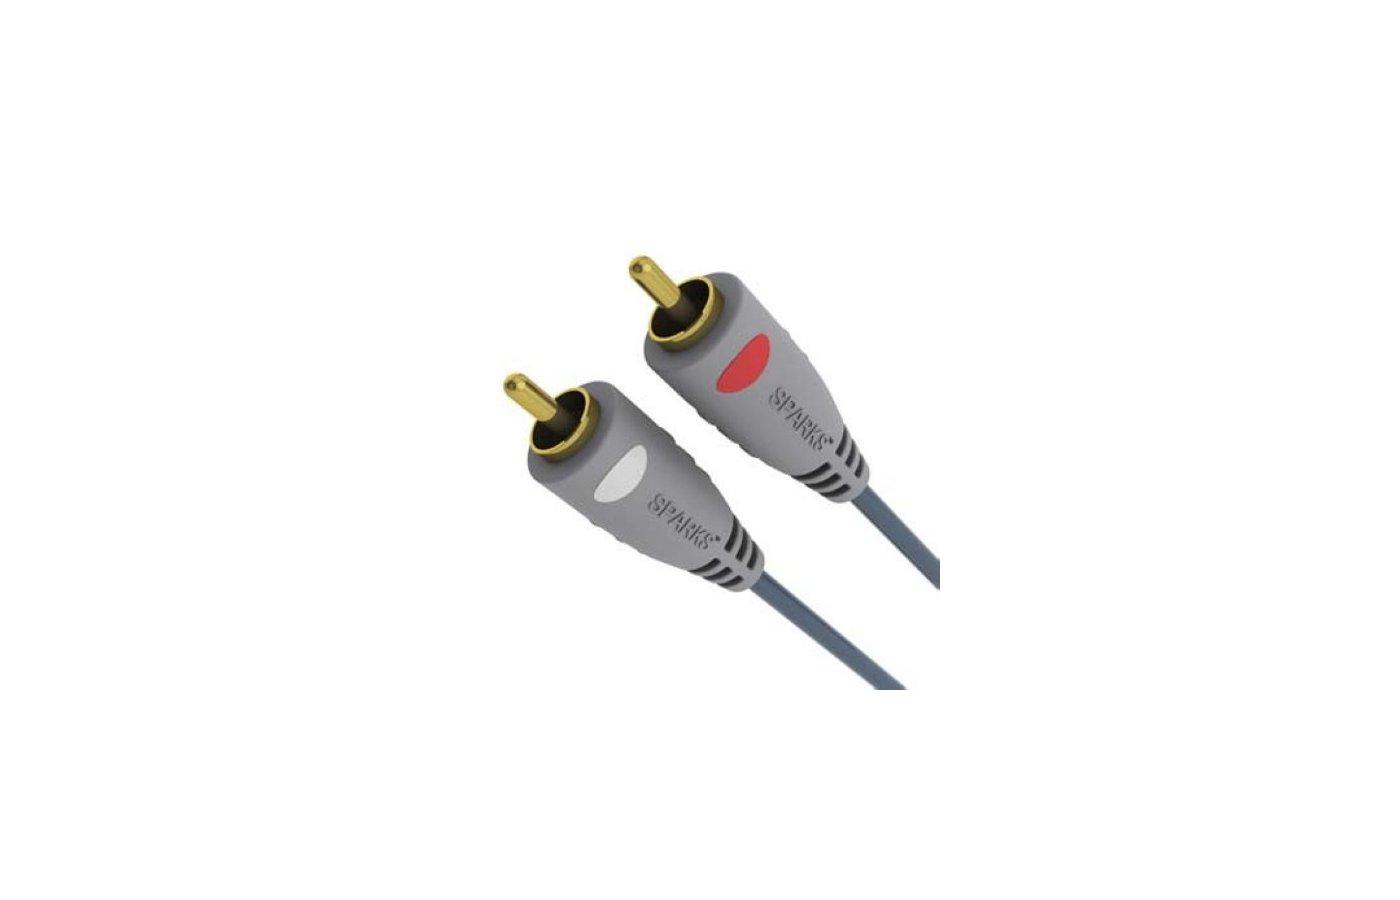 Кабель SPARKS SG 1110 2xRCA(m) - 2xRCA(m) 1.8м.